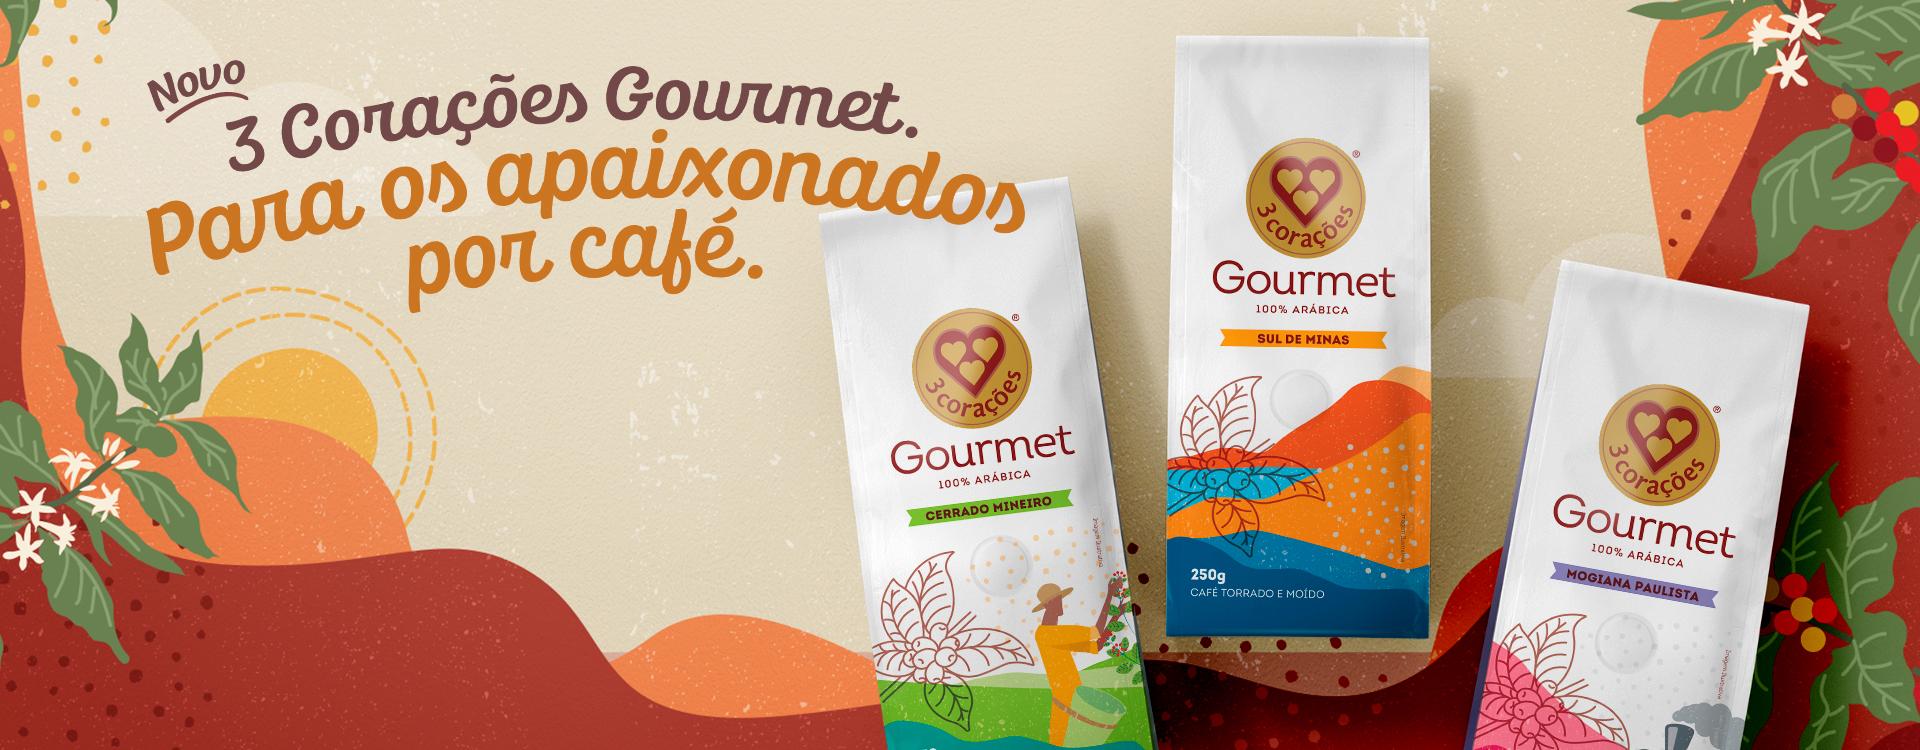 Café 3 Corações - Gourmet